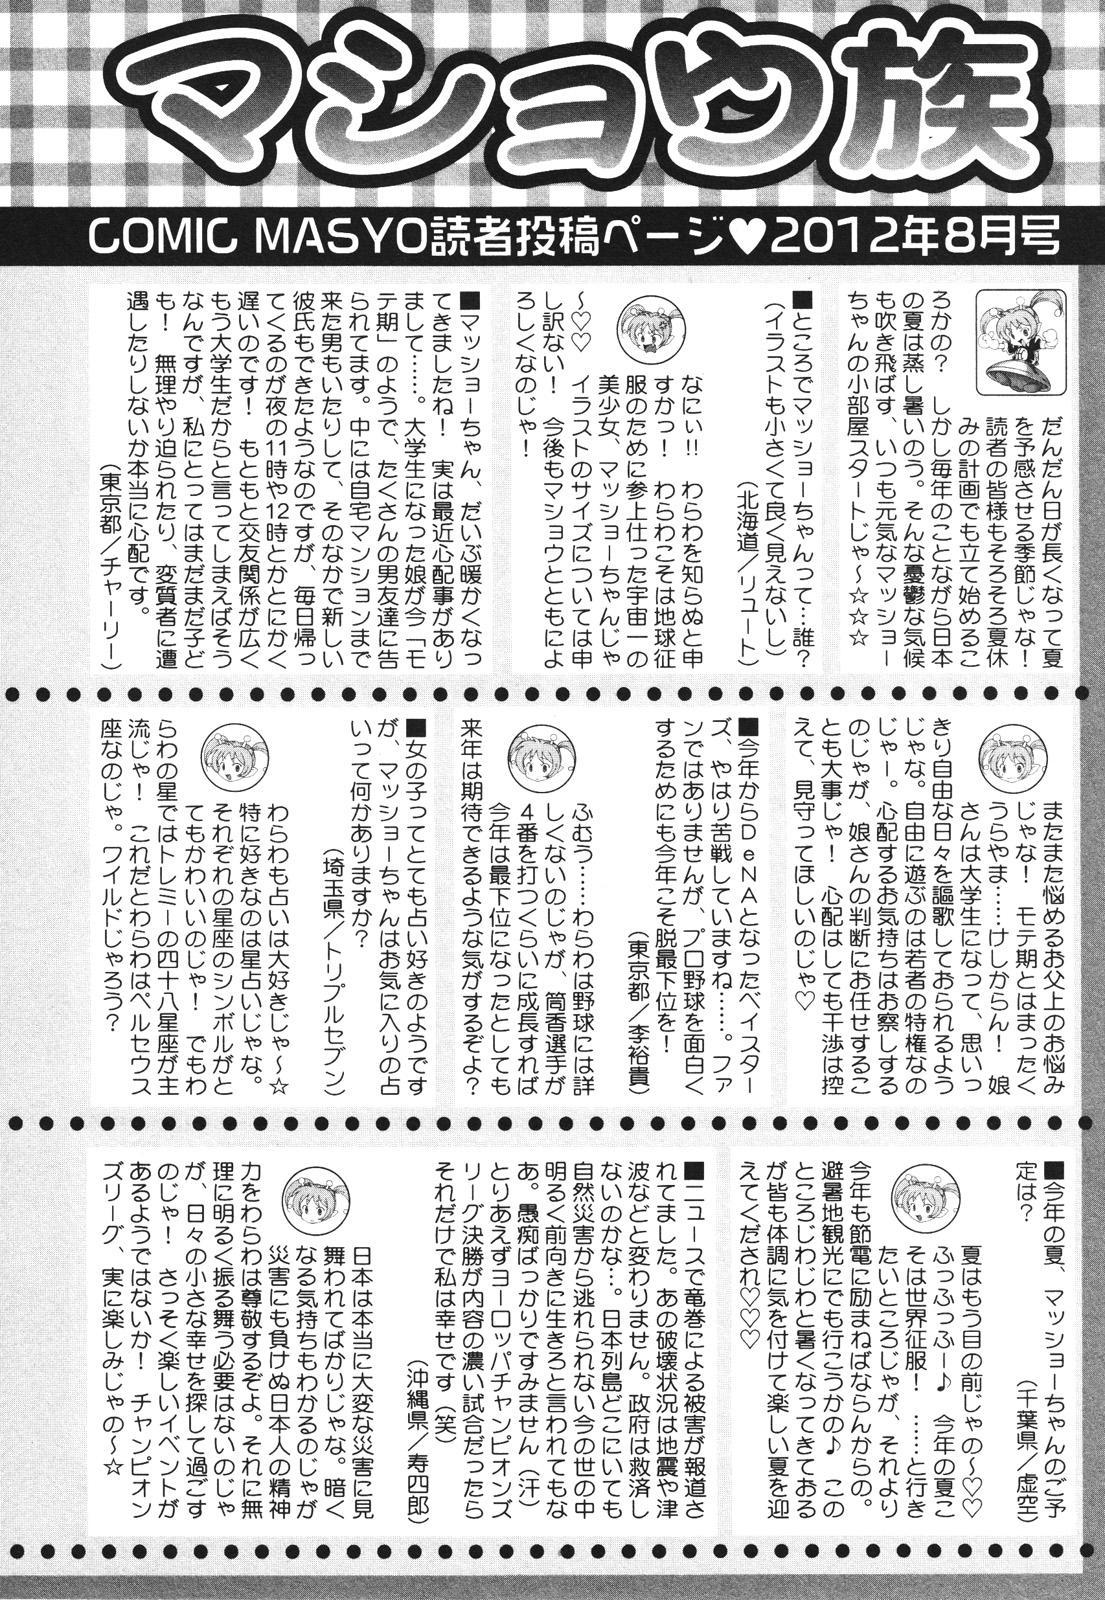 COMIC Masyo 2012-08 253